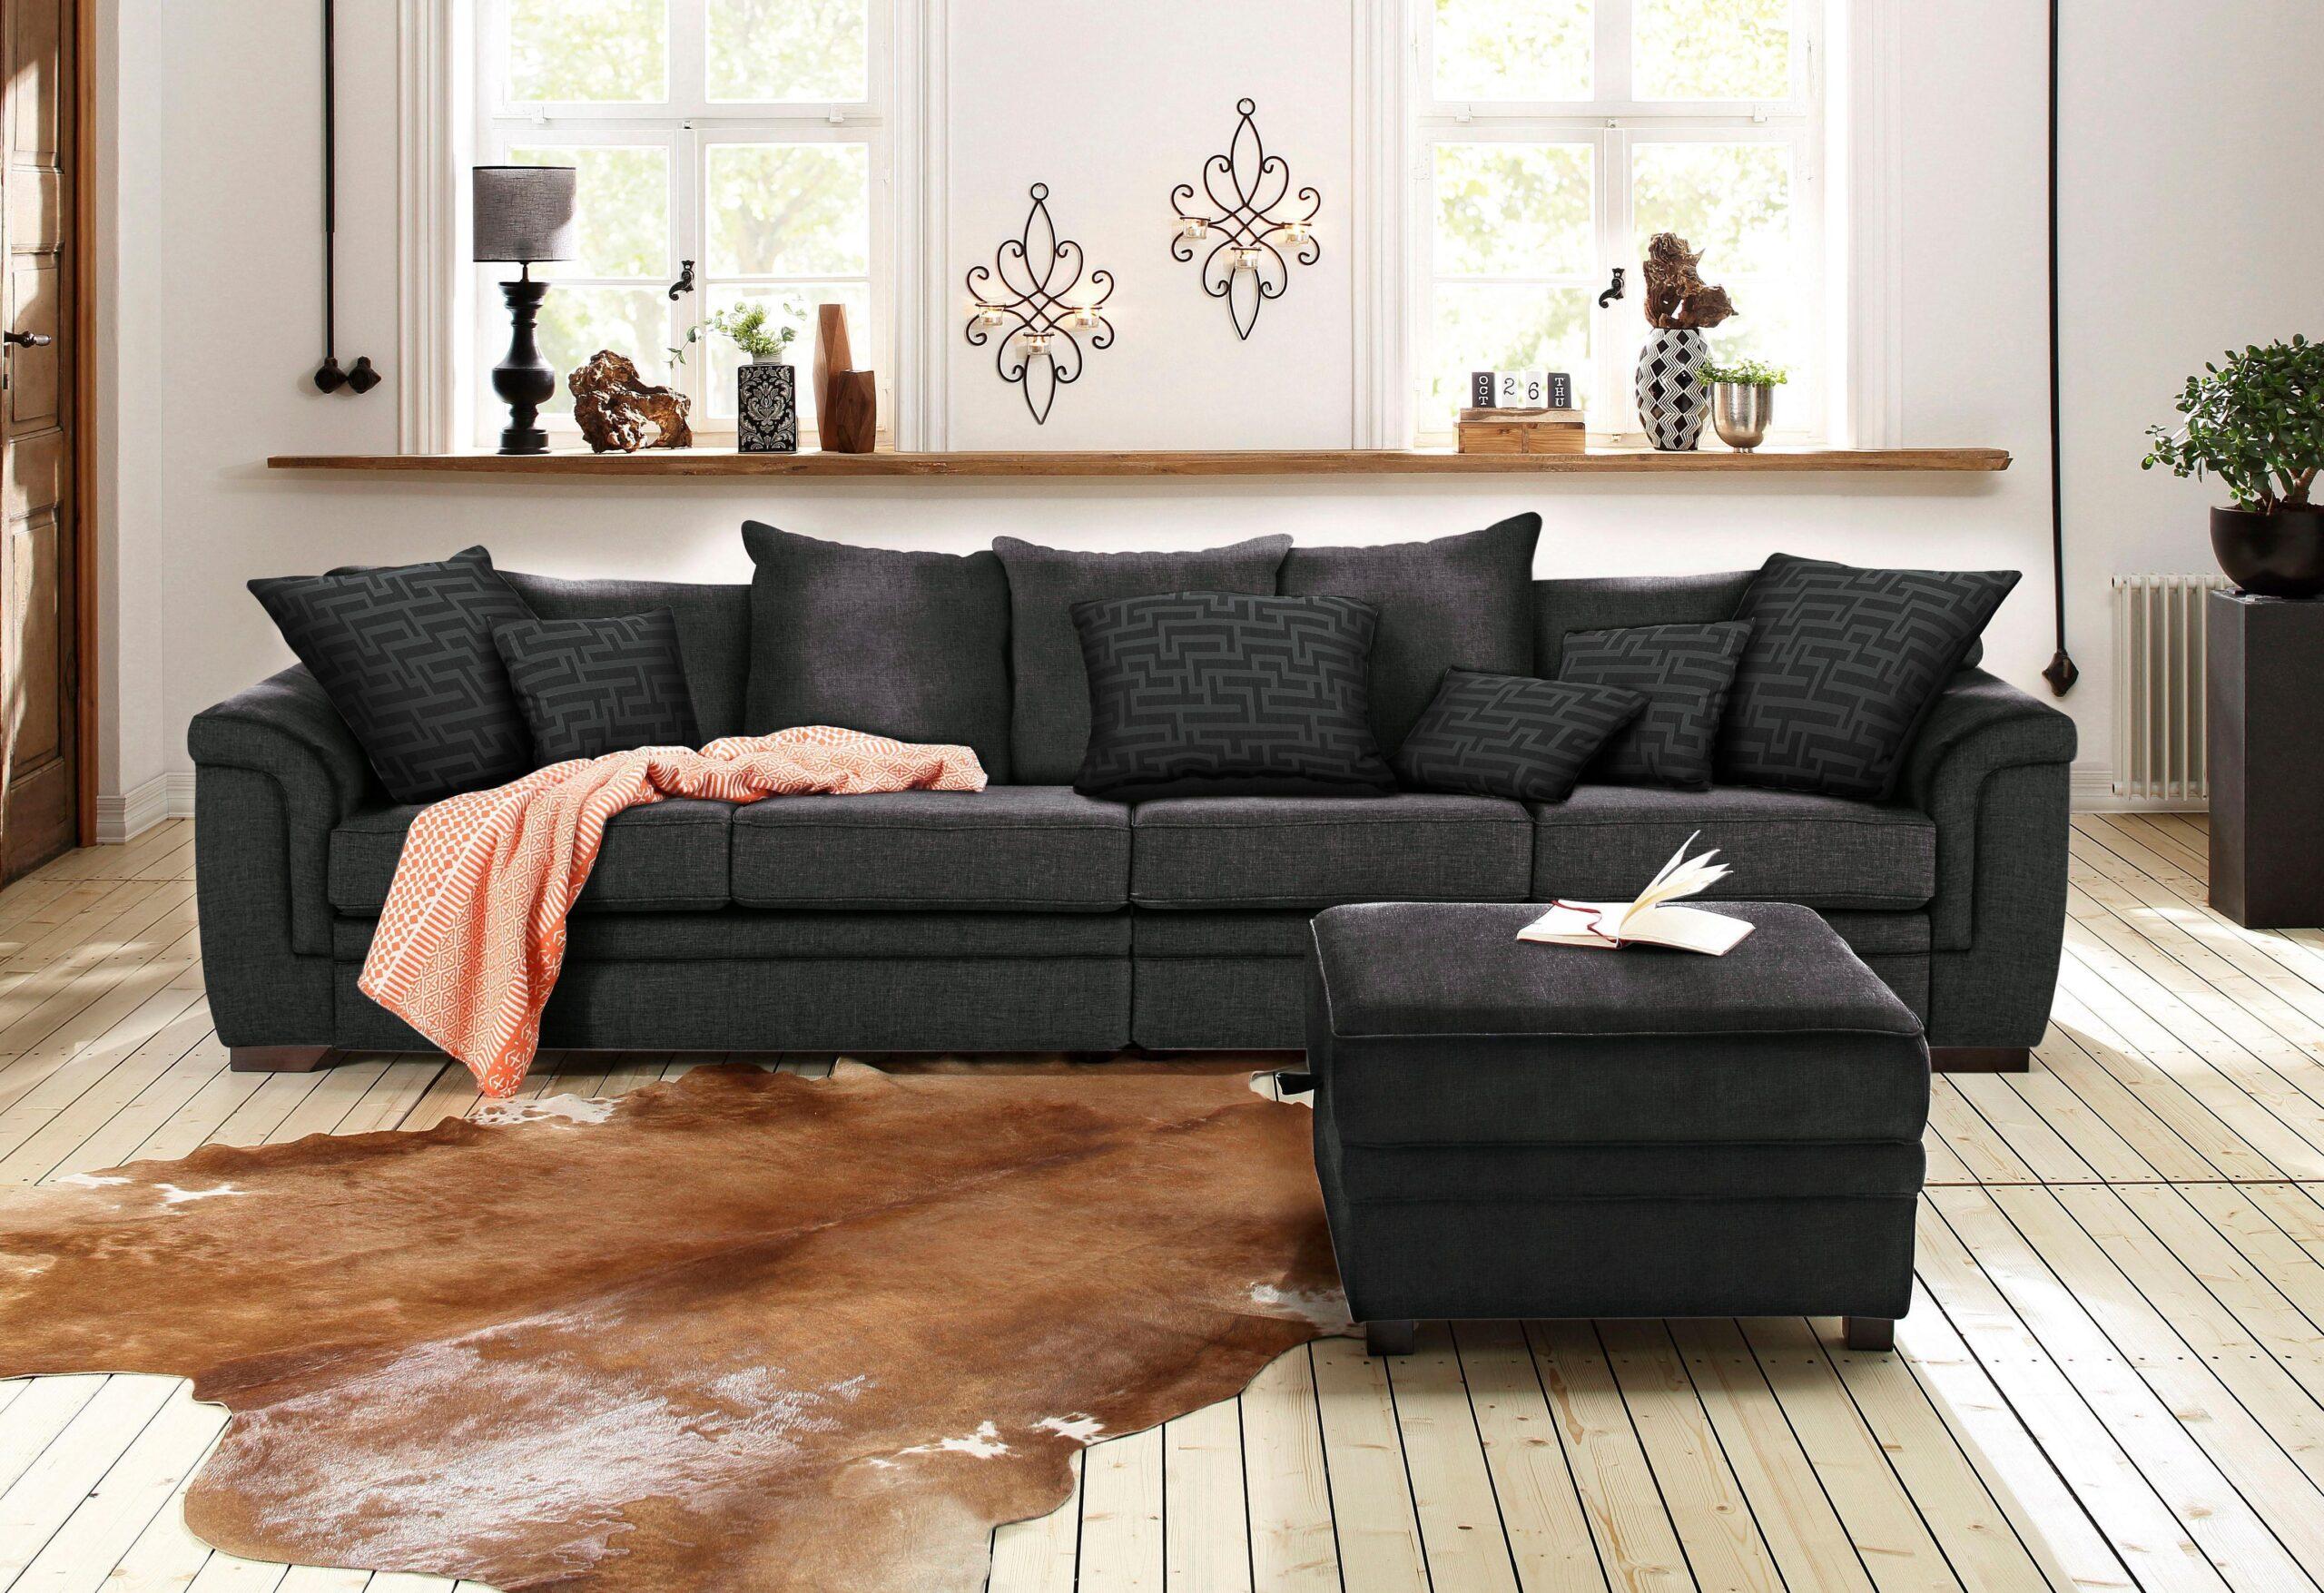 Full Size of Sofa Ausziehbar Angebote Poco Big Schilling 3 Teilig 2er Grau Leinen Reiniger überzug Esszimmer Lila Inhofer Luxus Landhausstil Leder Mit Led Englisch Sofa Home Affaire Big Sofa